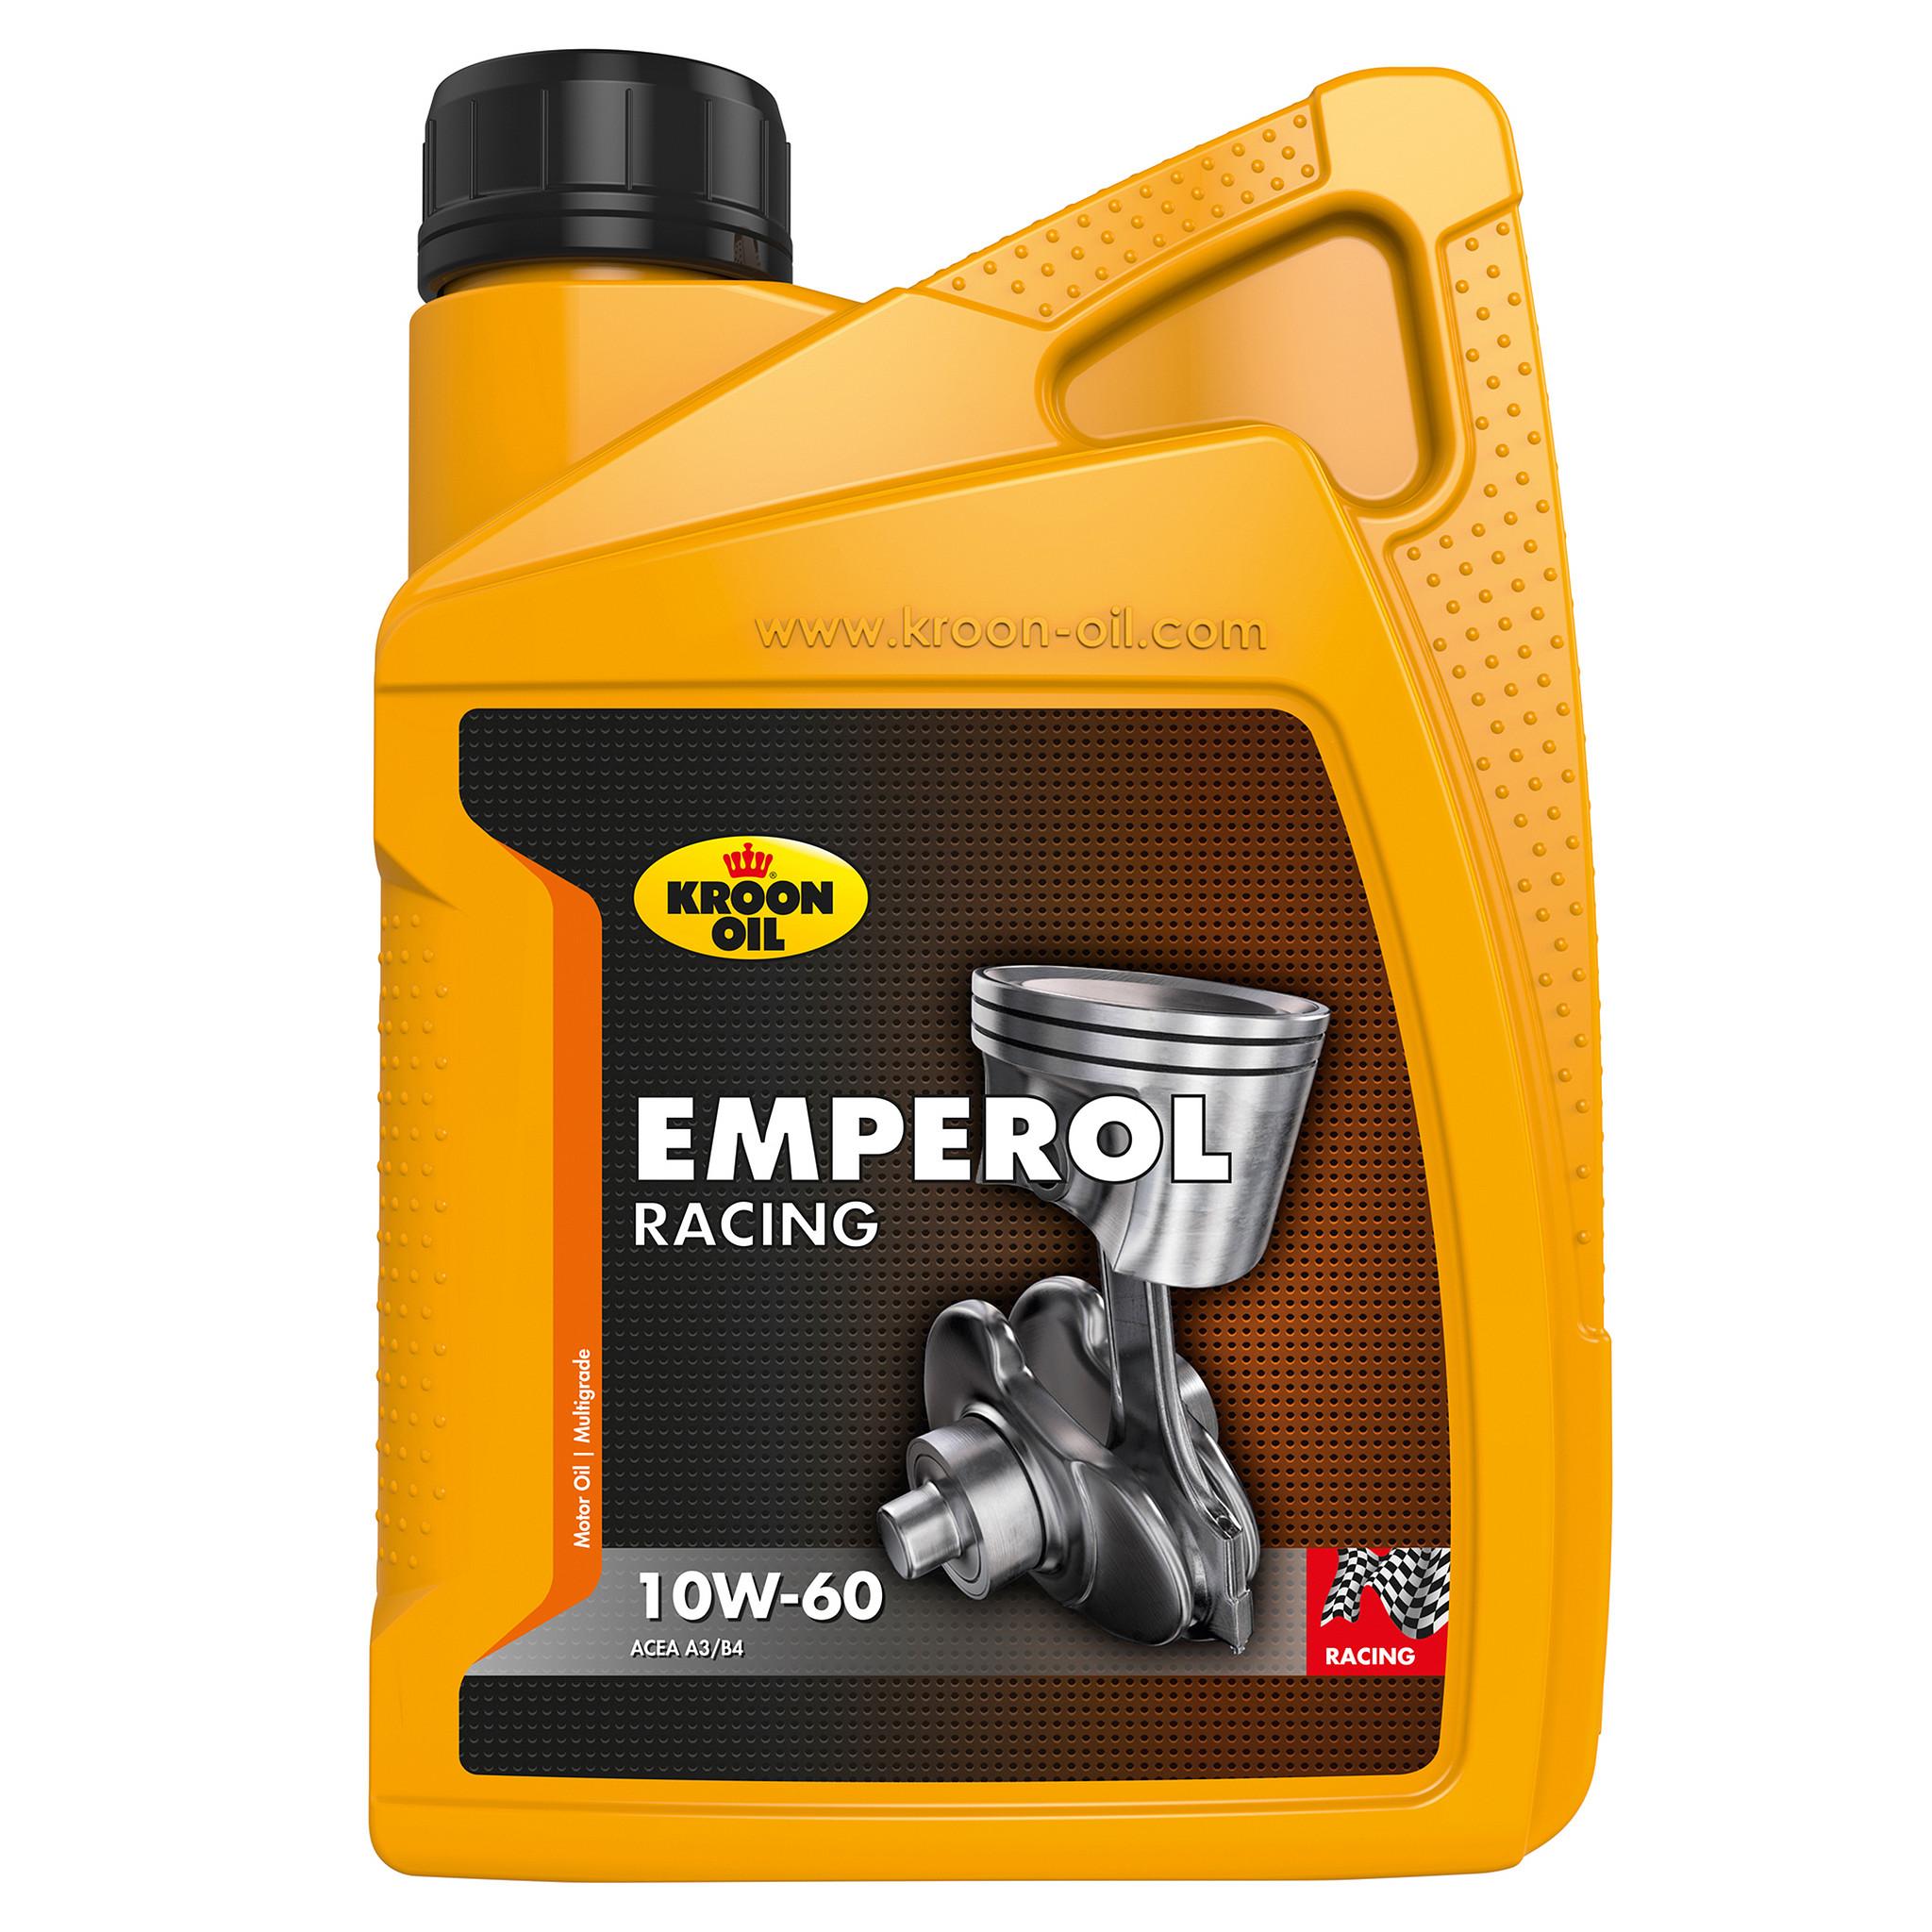 Kroon Oil Motorolie Emperol Racing 10W-60